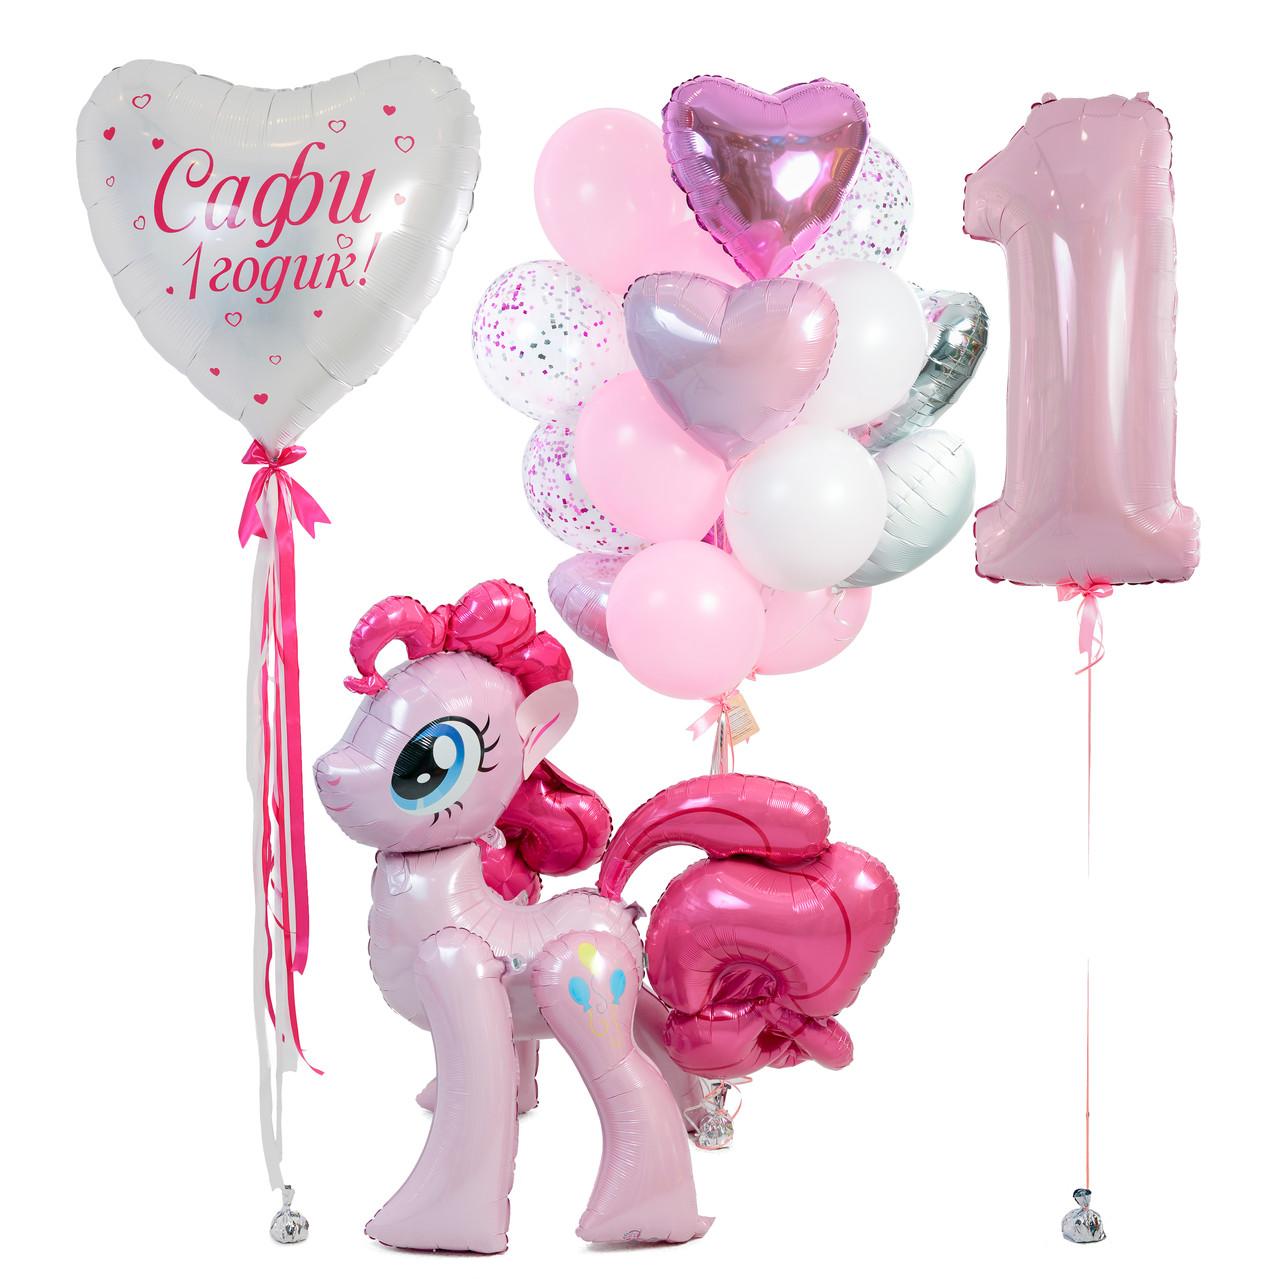 Ростовая фигура Пинки Пай, связка из 20 шаров, цифра розовая, сердце 90 см с надписью.